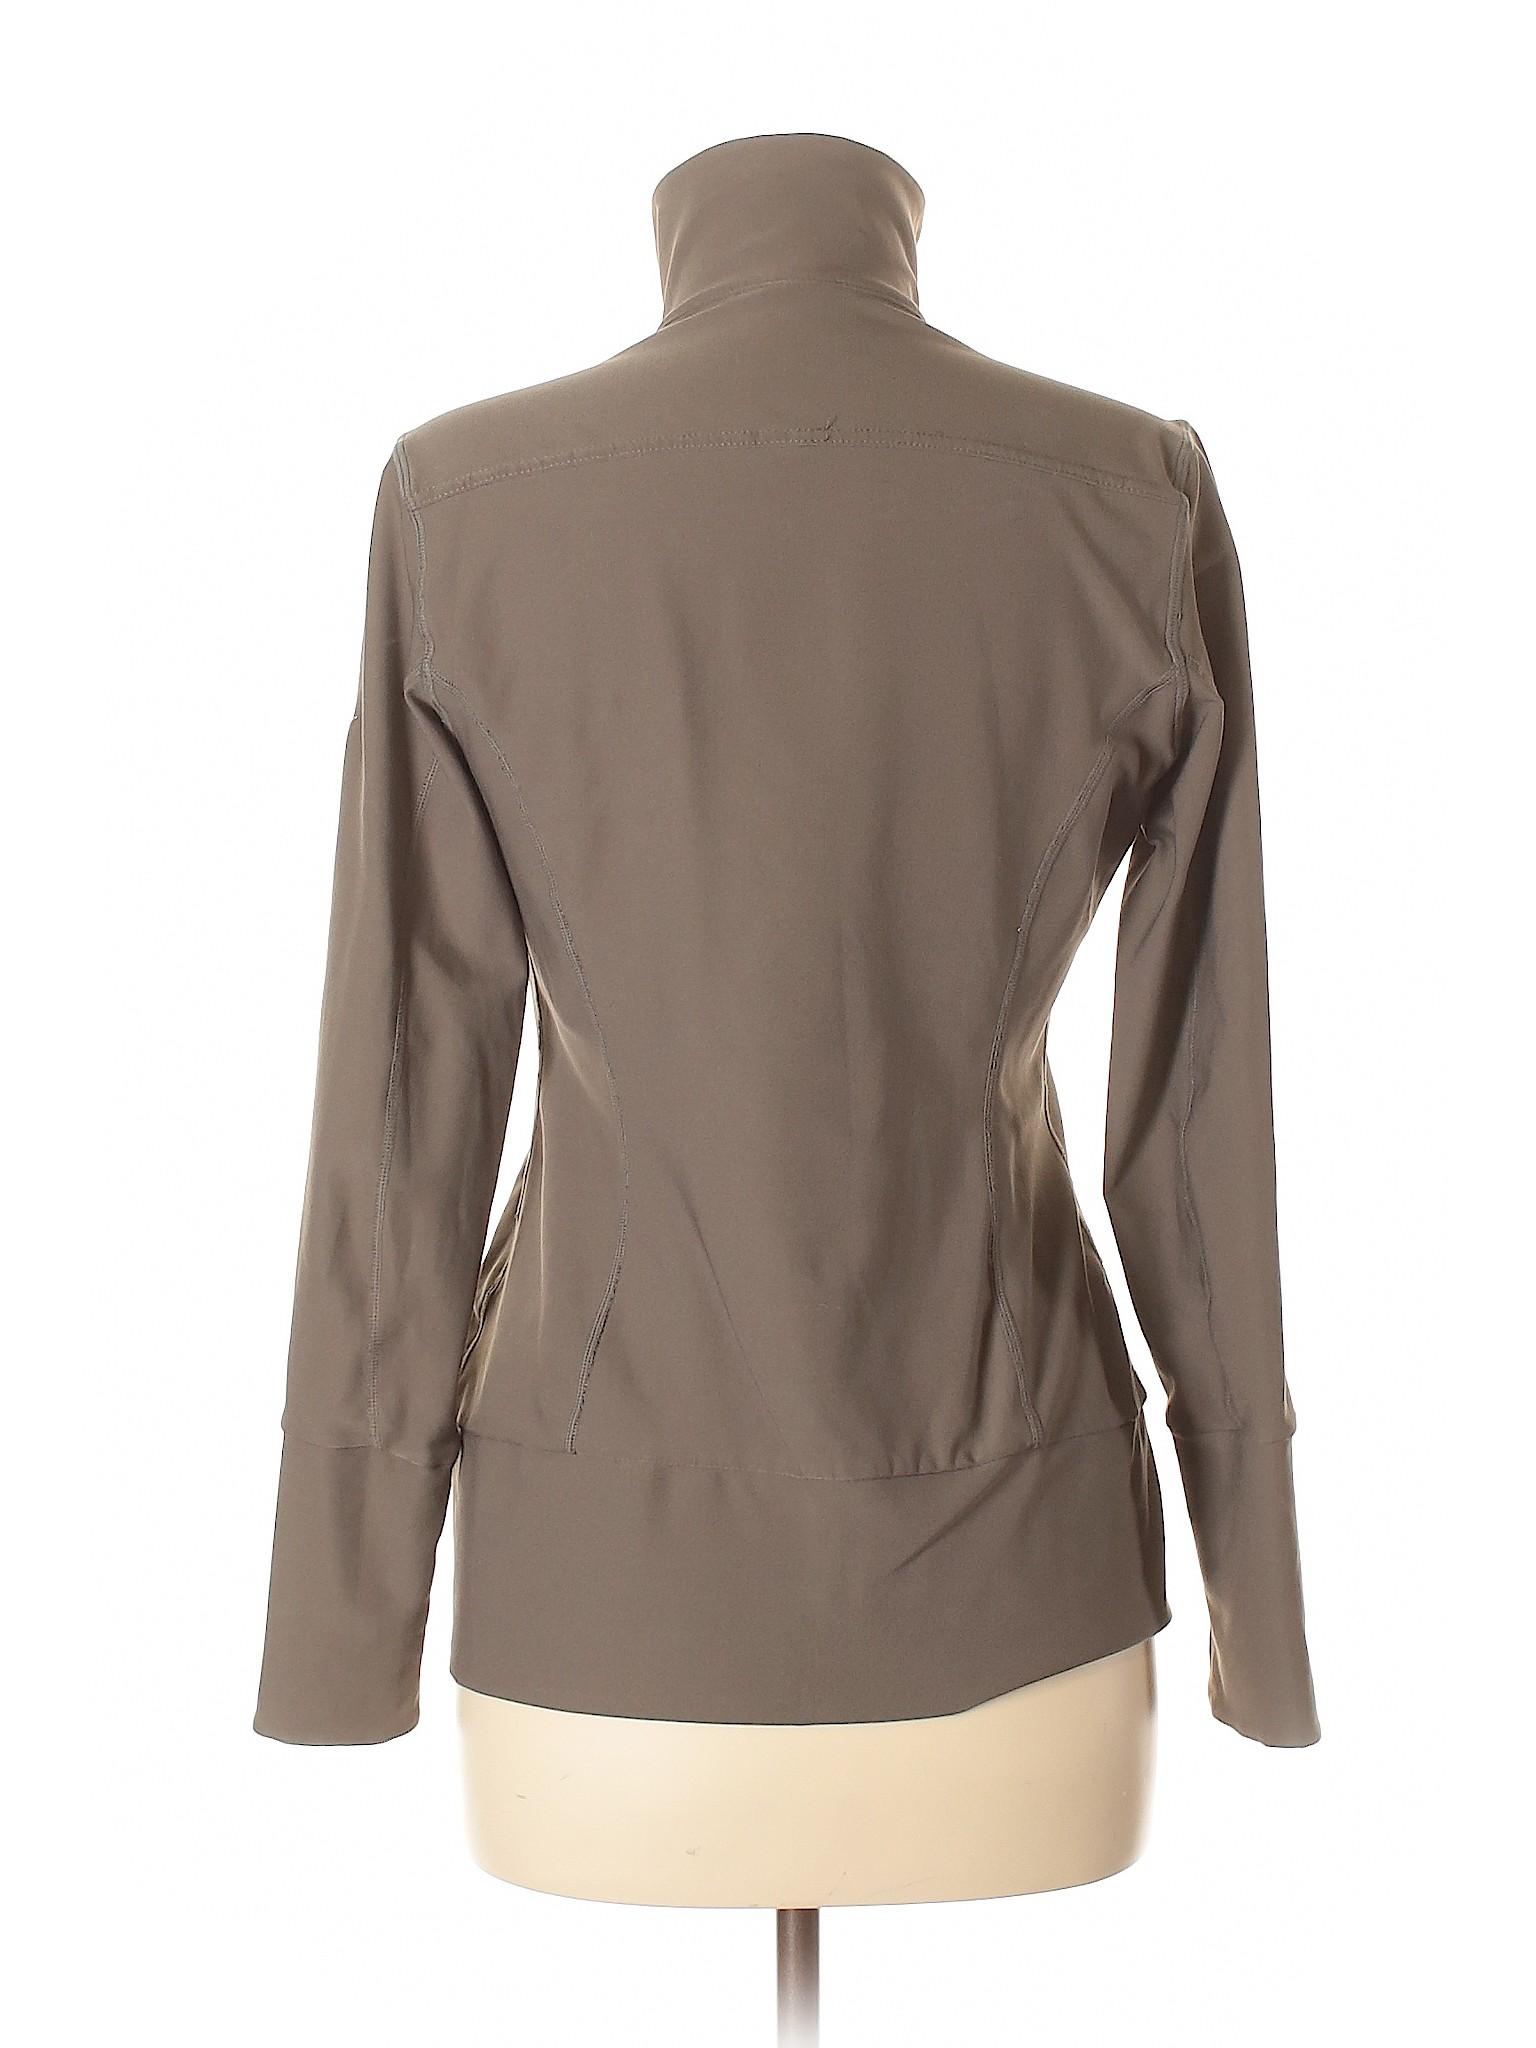 Nike Nike winter winter Jacket Jacket Track winter Boutique Boutique Track Boutique FEwCqfngx